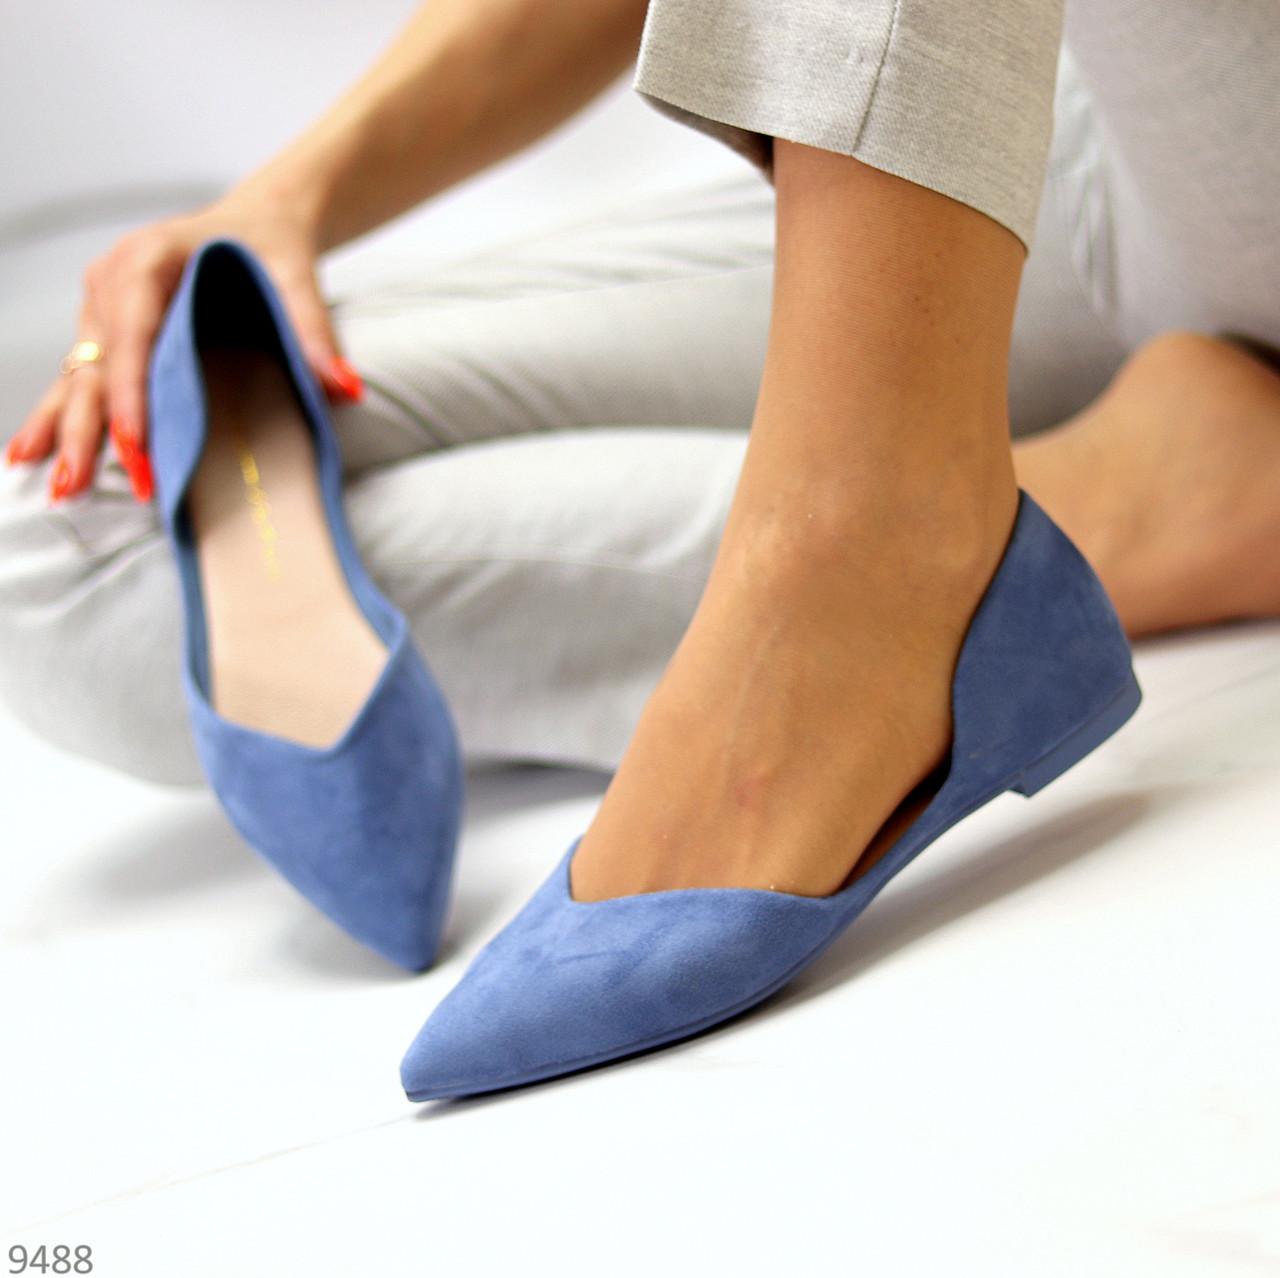 Витончені сині жіночі замшеві балетки човники 35-22,5 37-24 см